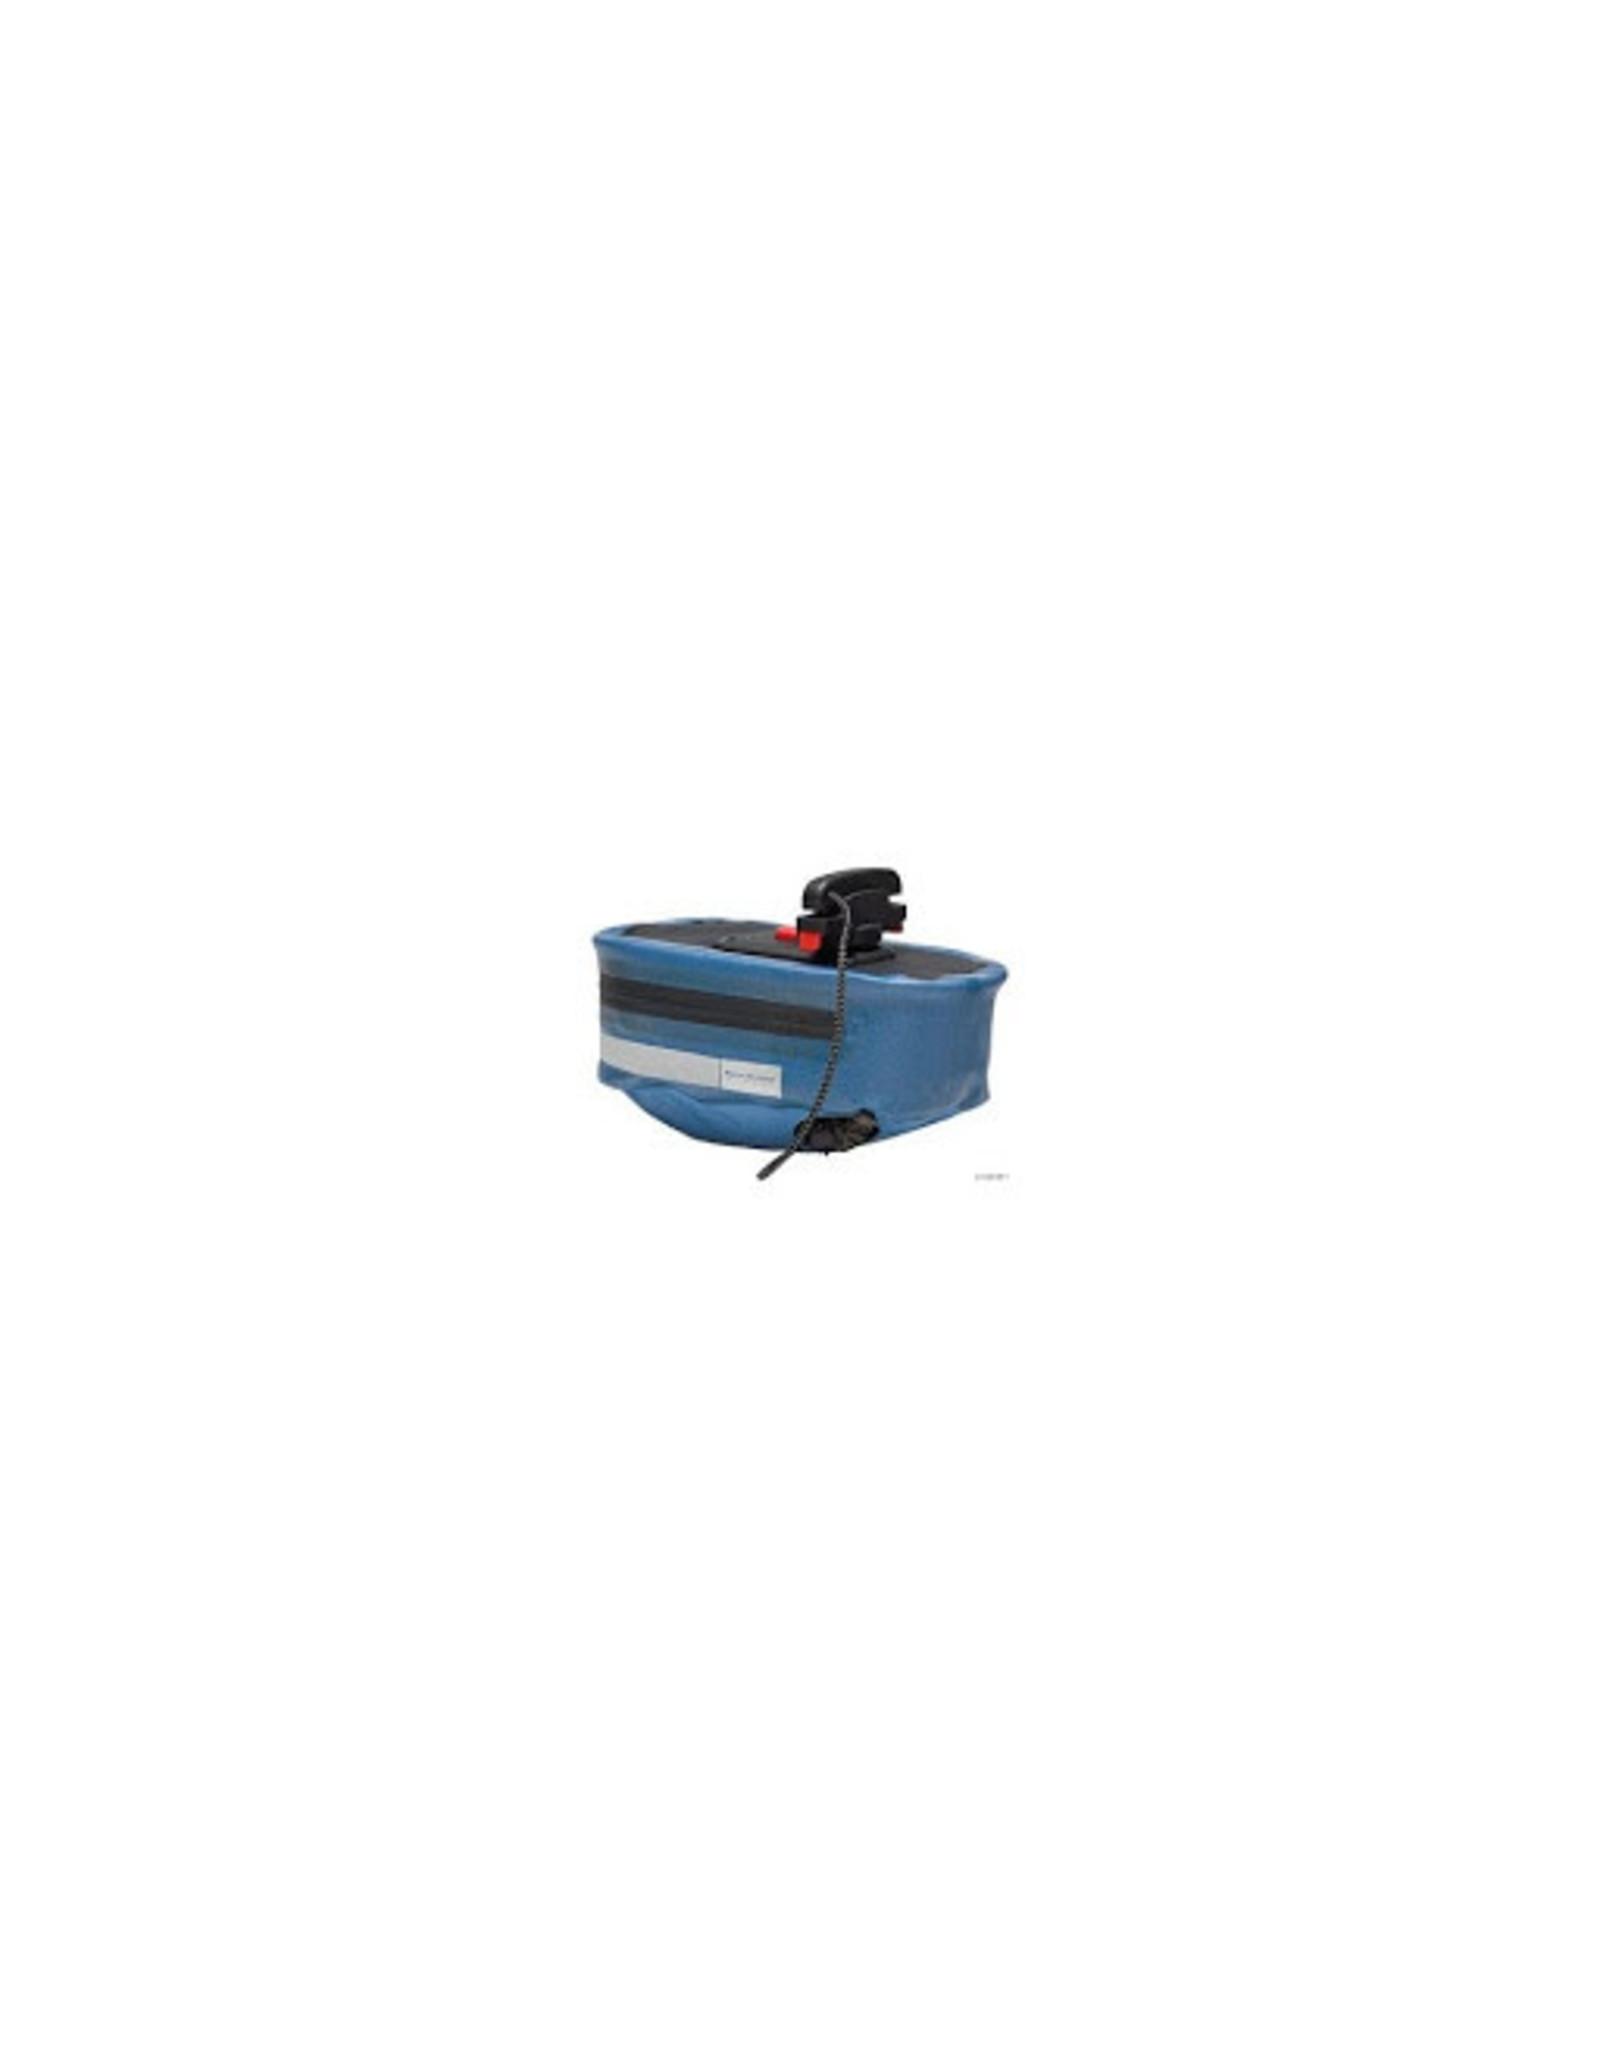 POE Waterproof Seat Bag Pacific Outdoor - Raft Blue - Large